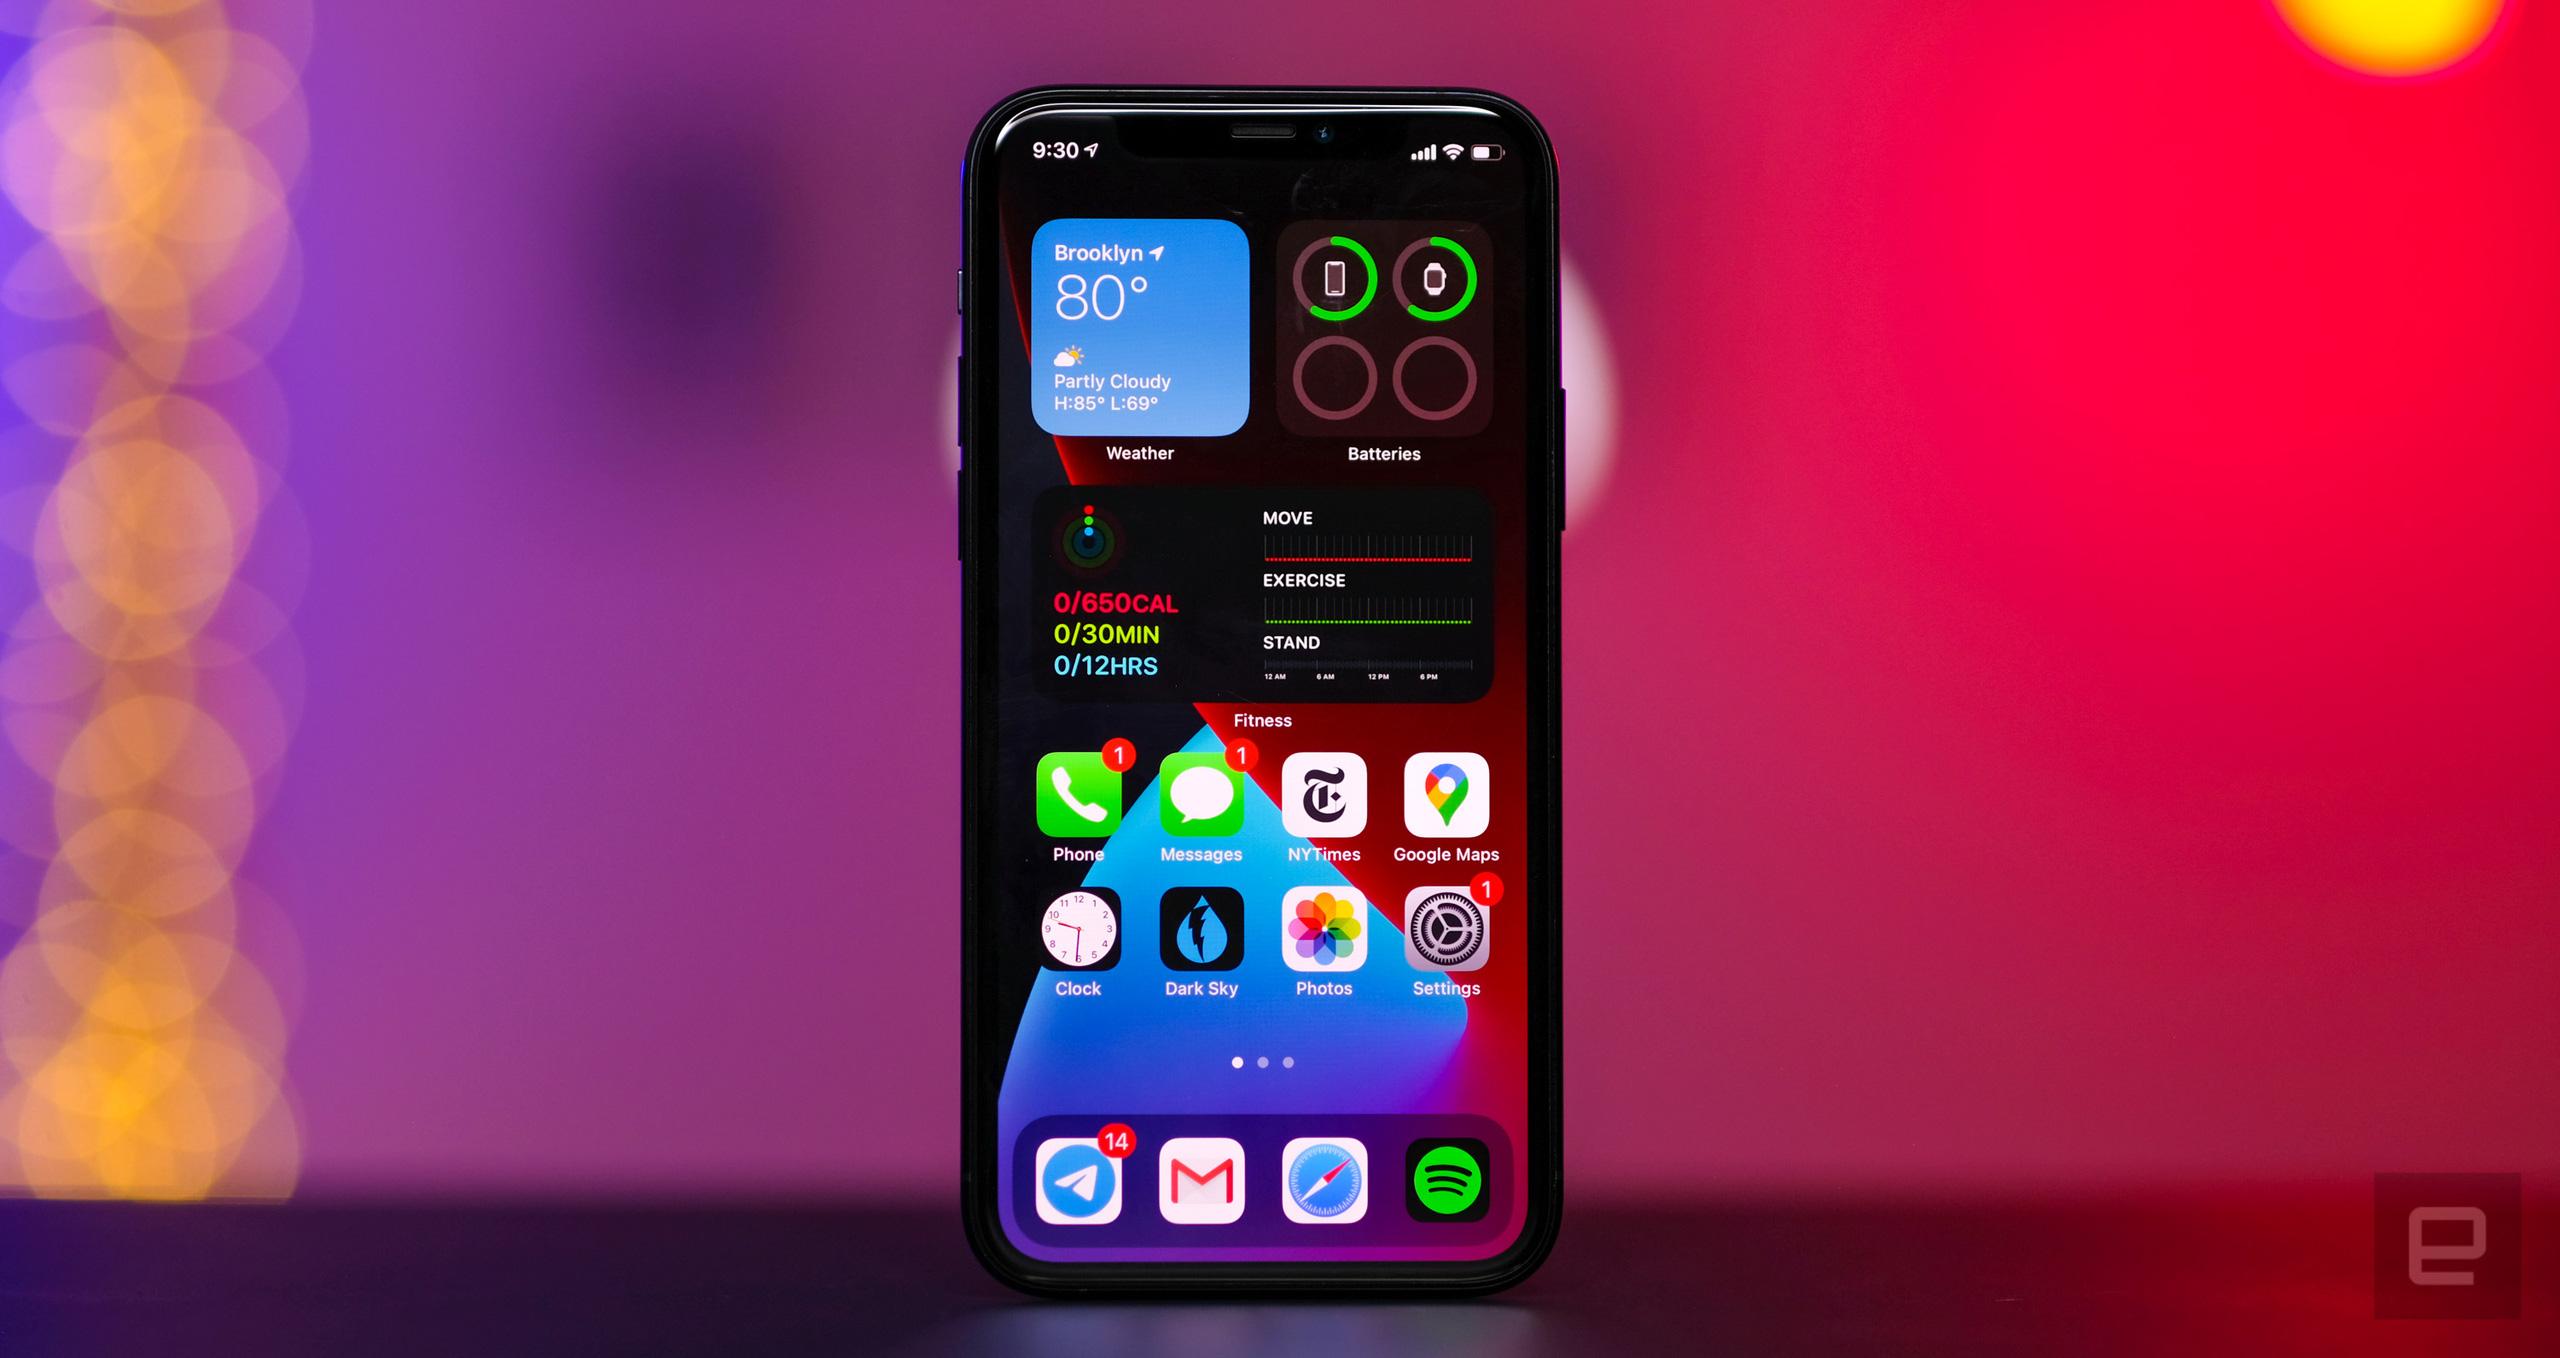 Ẩn ngay nội dung thông báo trên màn hình khóa iPhone với vài thao tác siêu đơn giản - Ảnh 1.